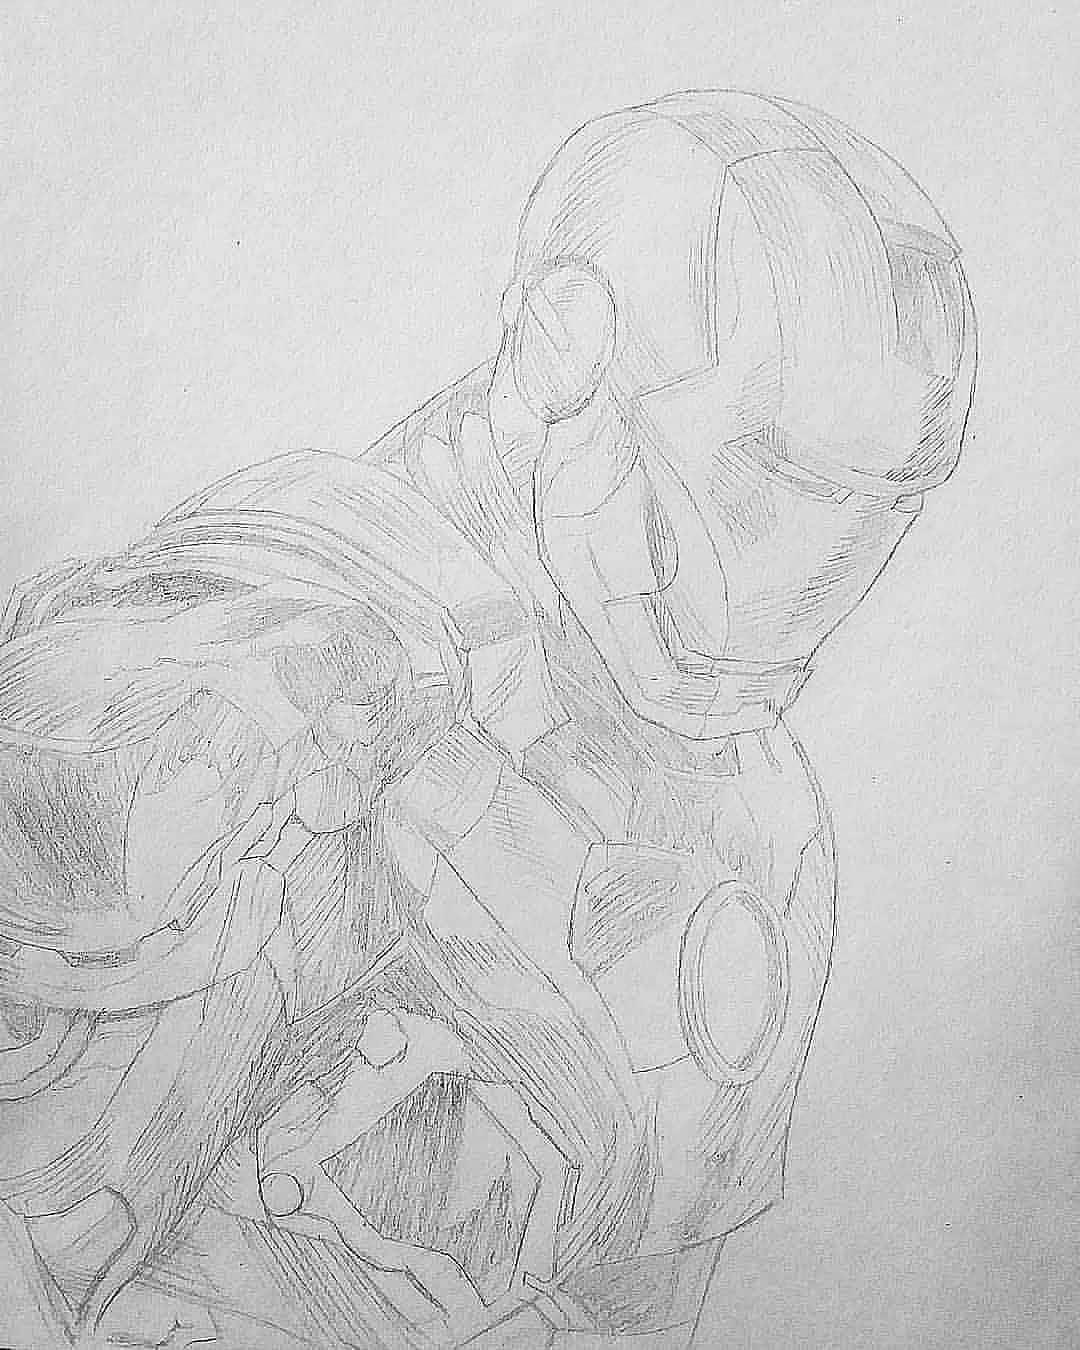 Iron Man Drawing Sketch